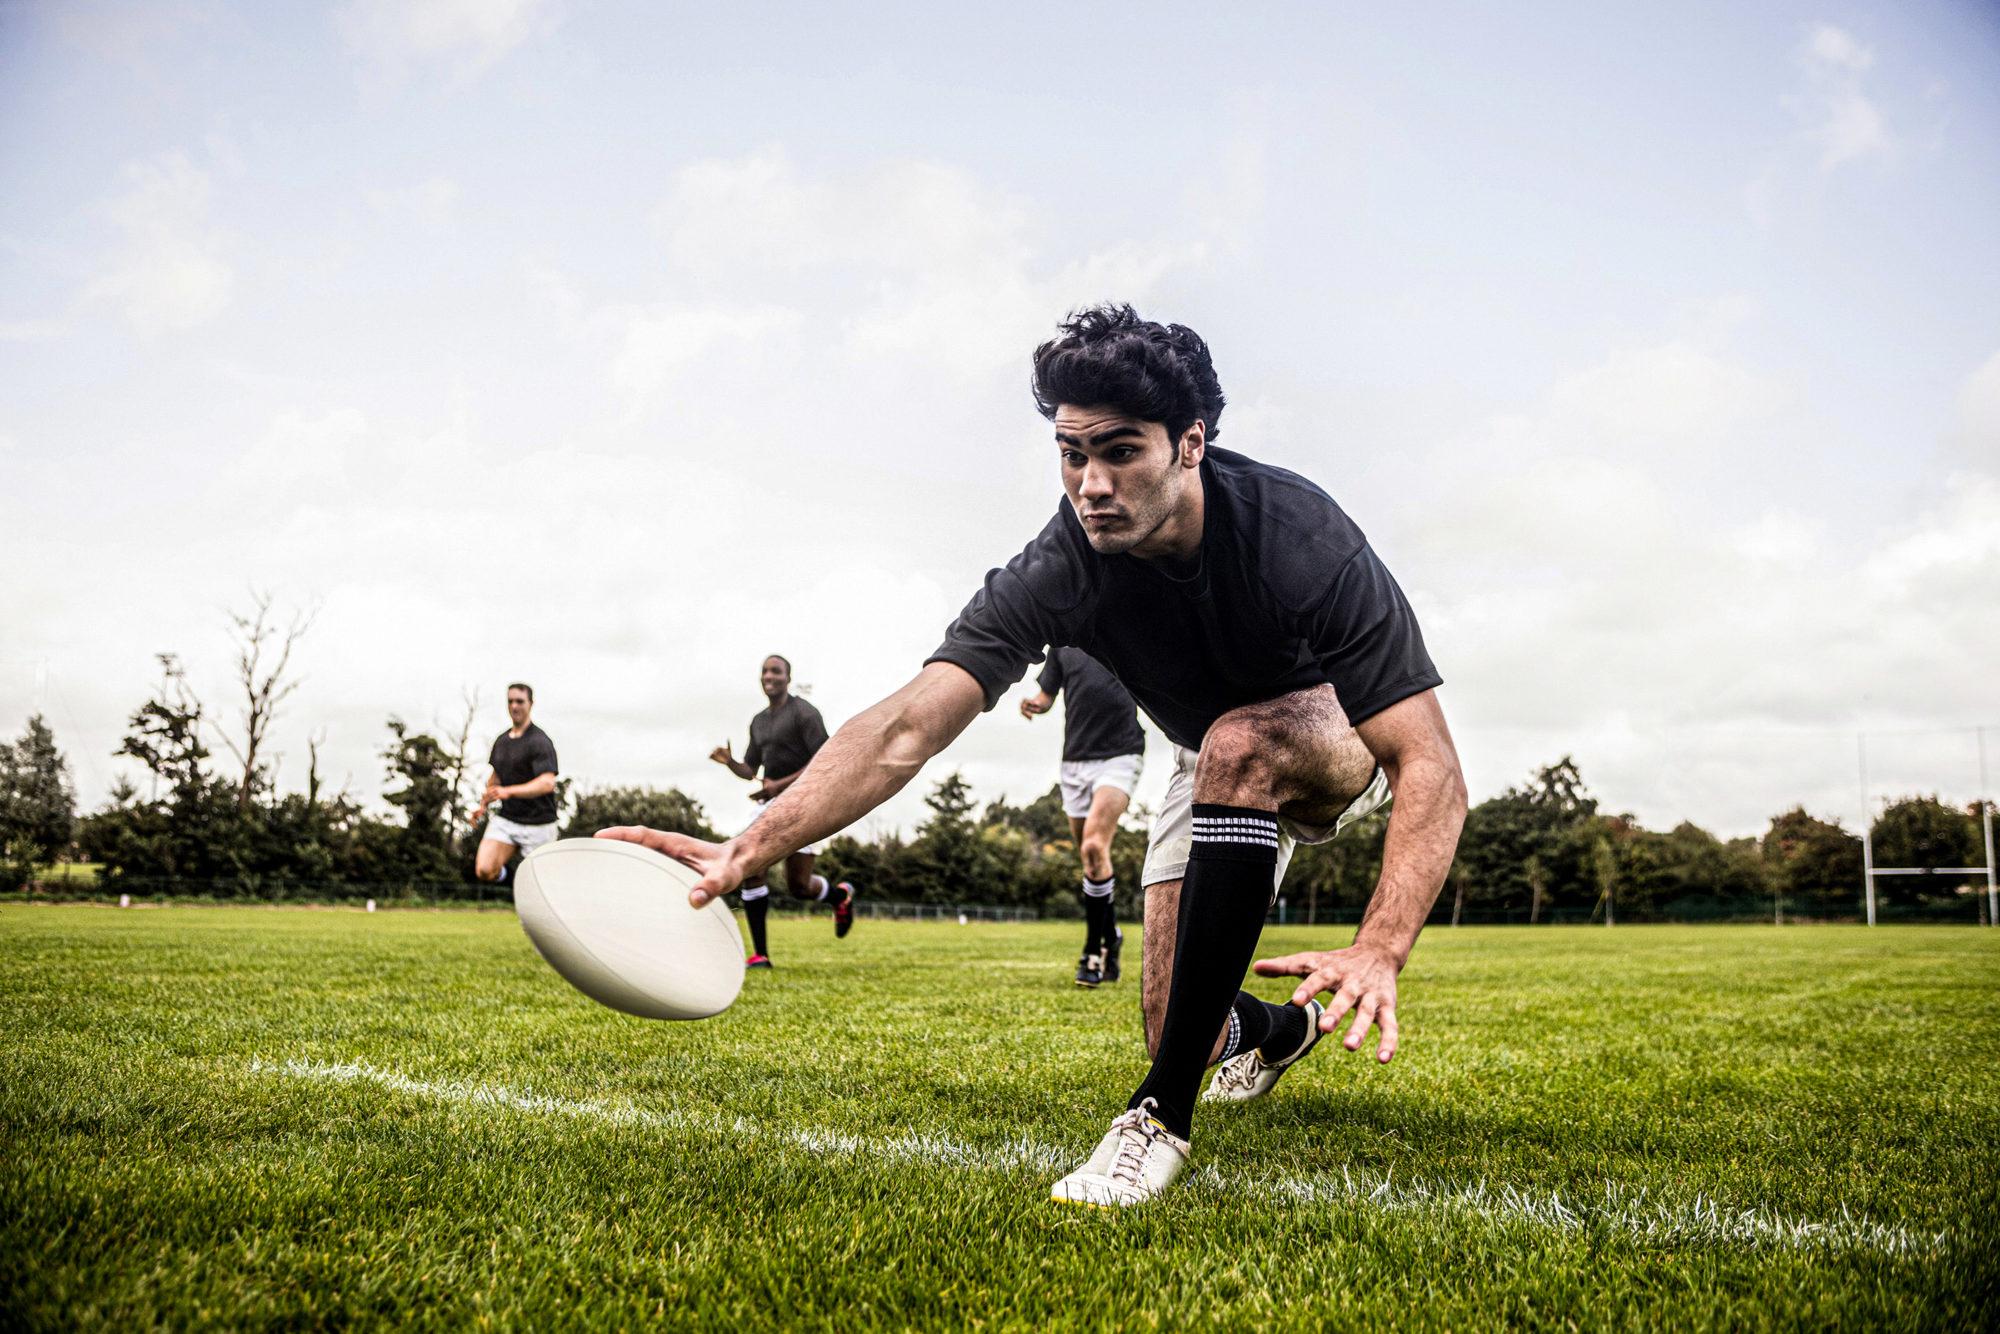 Urheilu-Muut-lajit-Eerikkiläherokuva